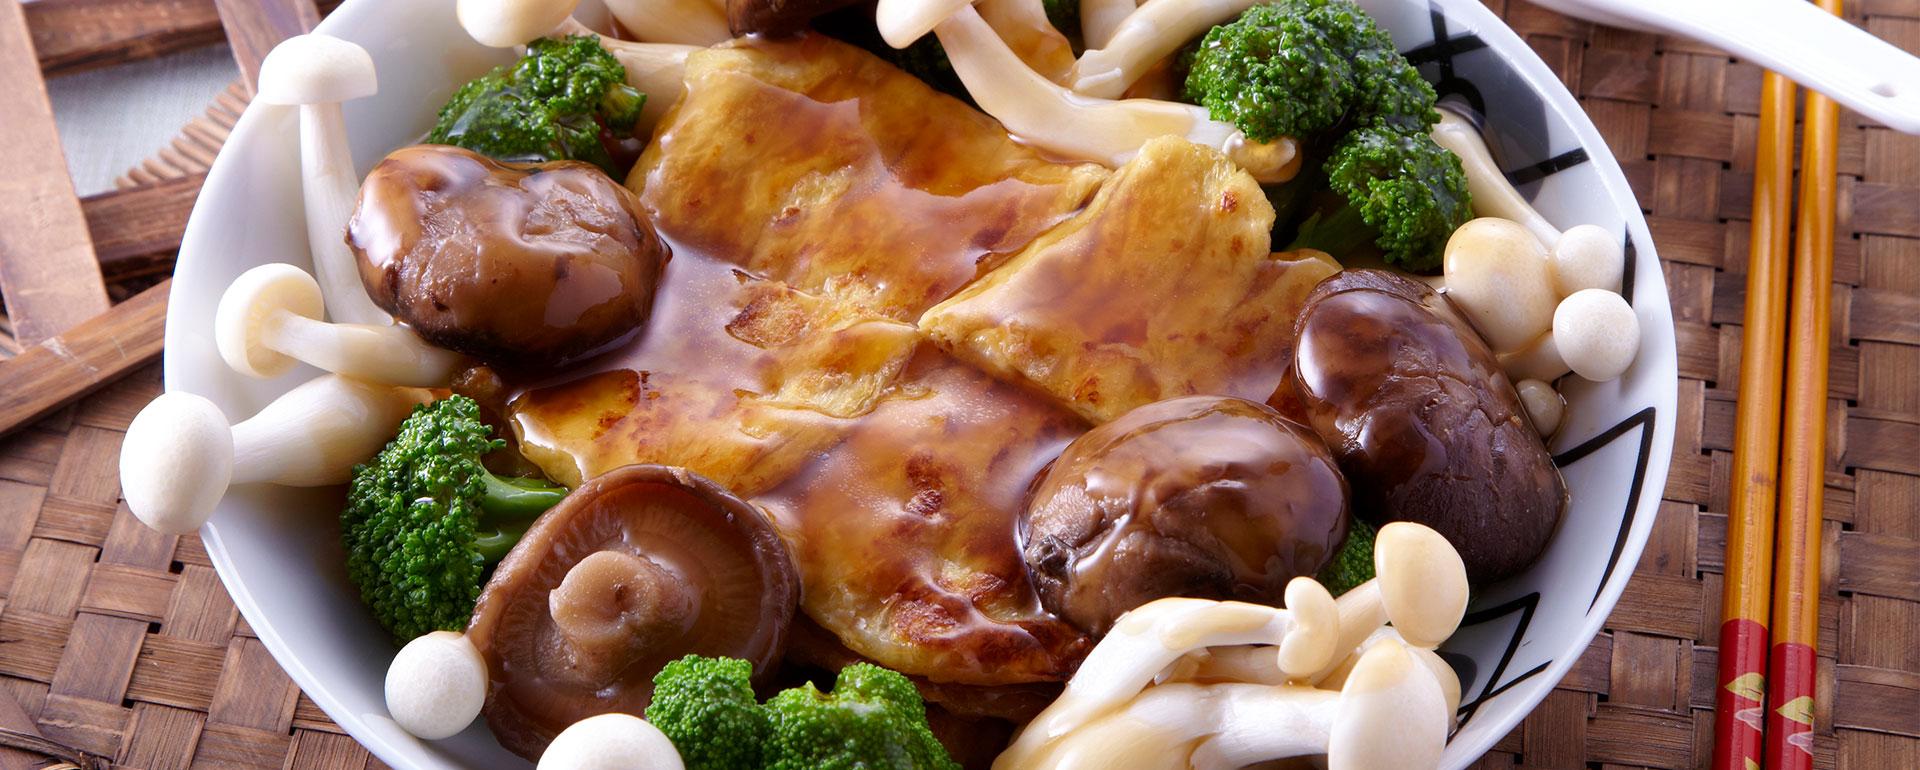 mushroom-vege